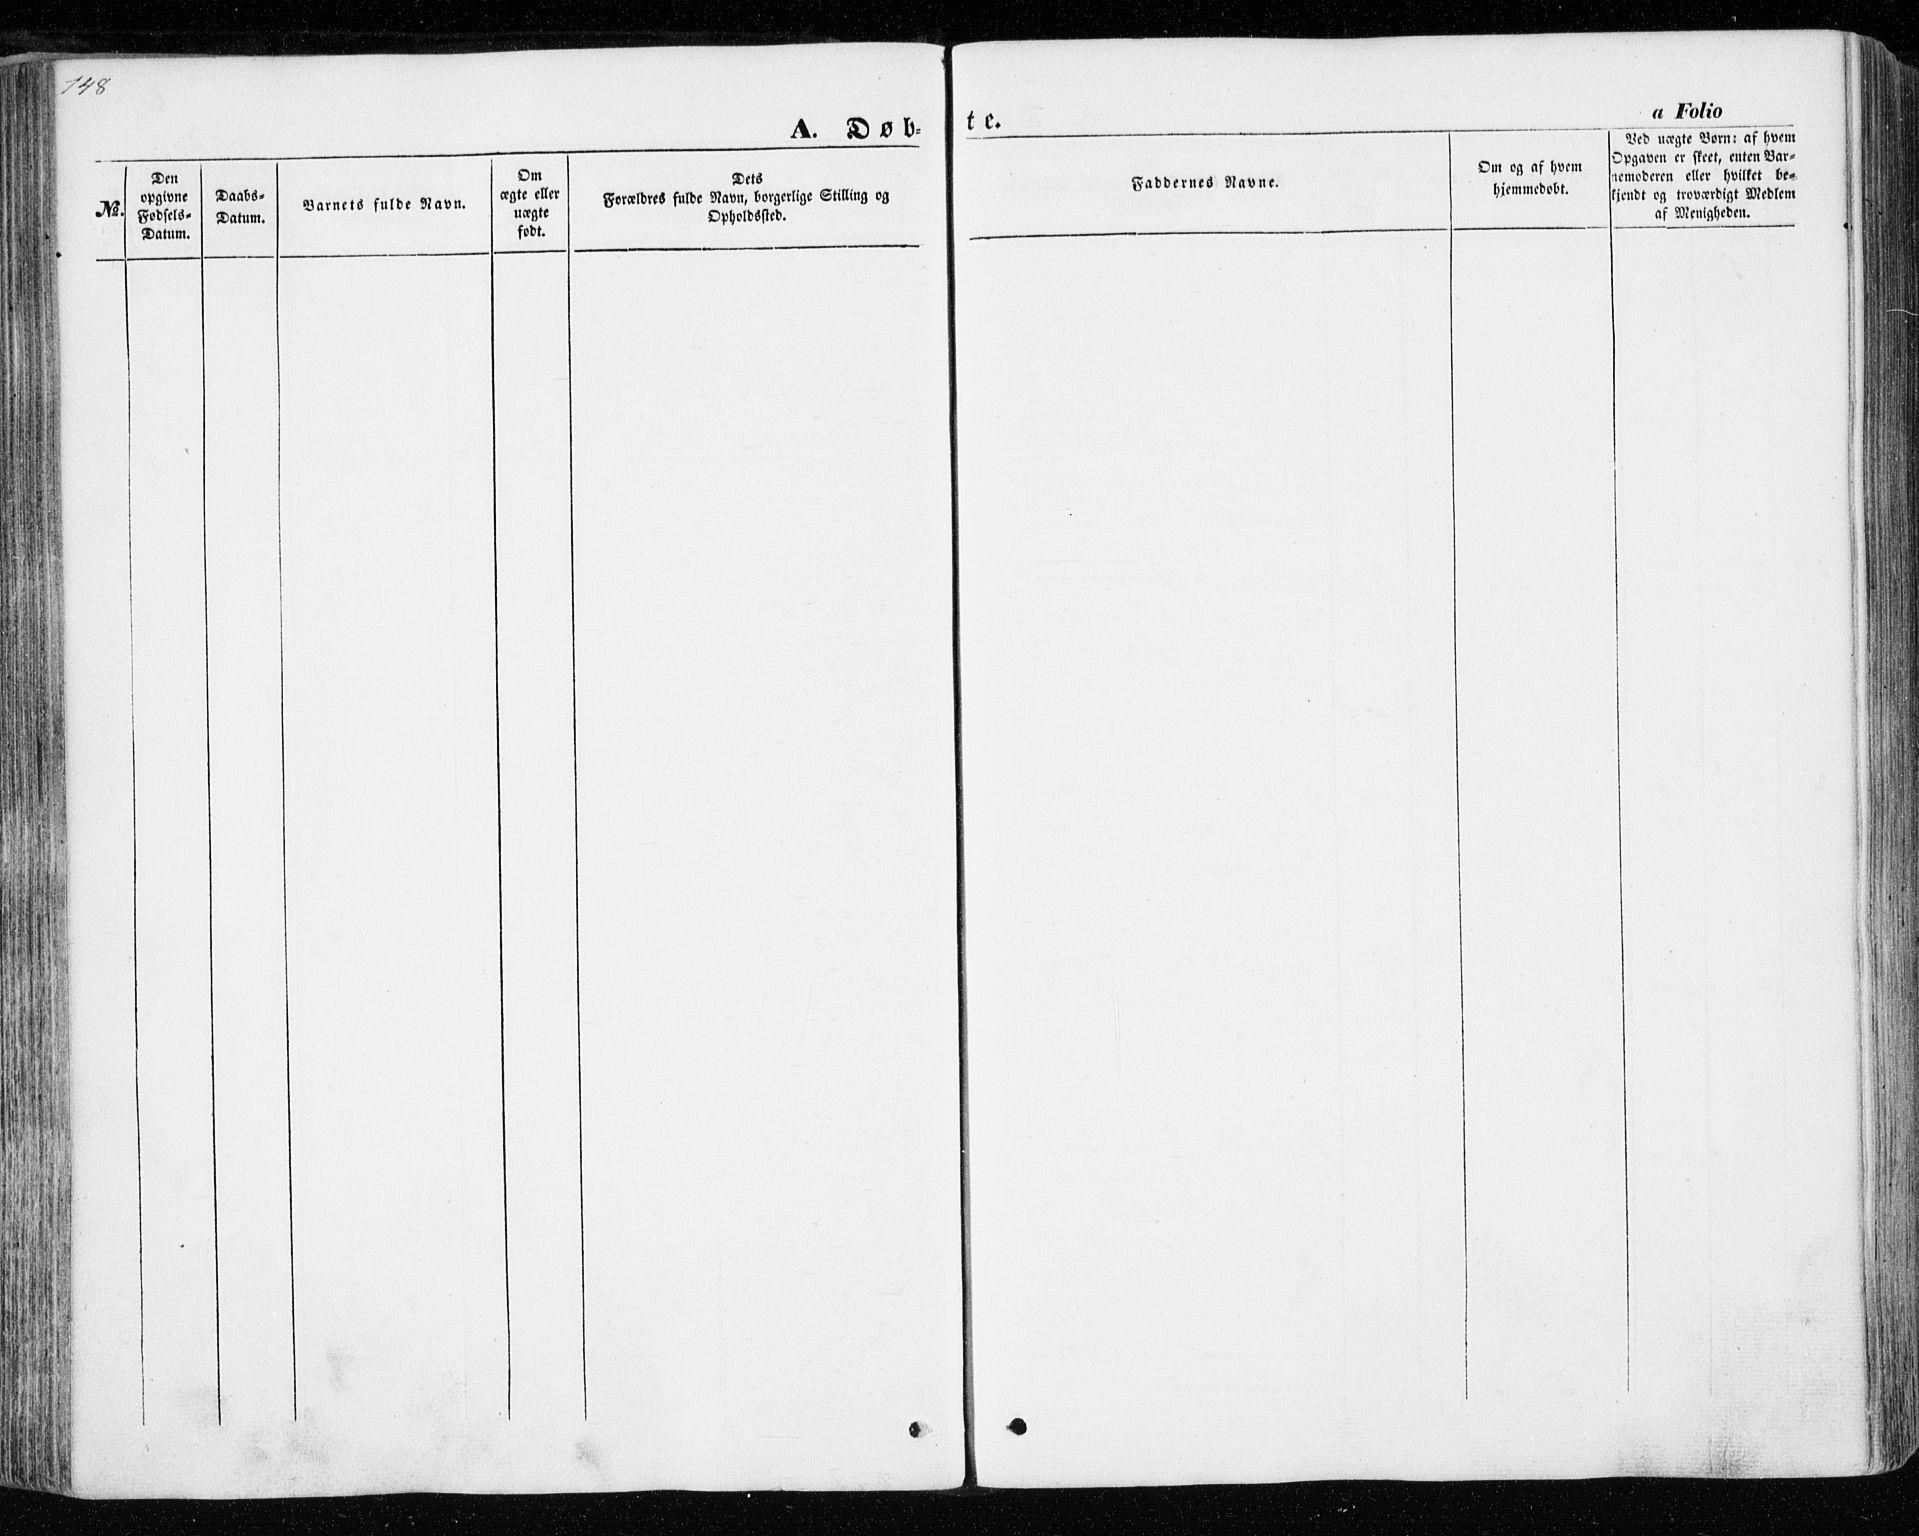 SAT, Ministerialprotokoller, klokkerbøker og fødselsregistre - Nord-Trøndelag, 701/L0008: Ministerialbok nr. 701A08 /2, 1854-1863, s. 148